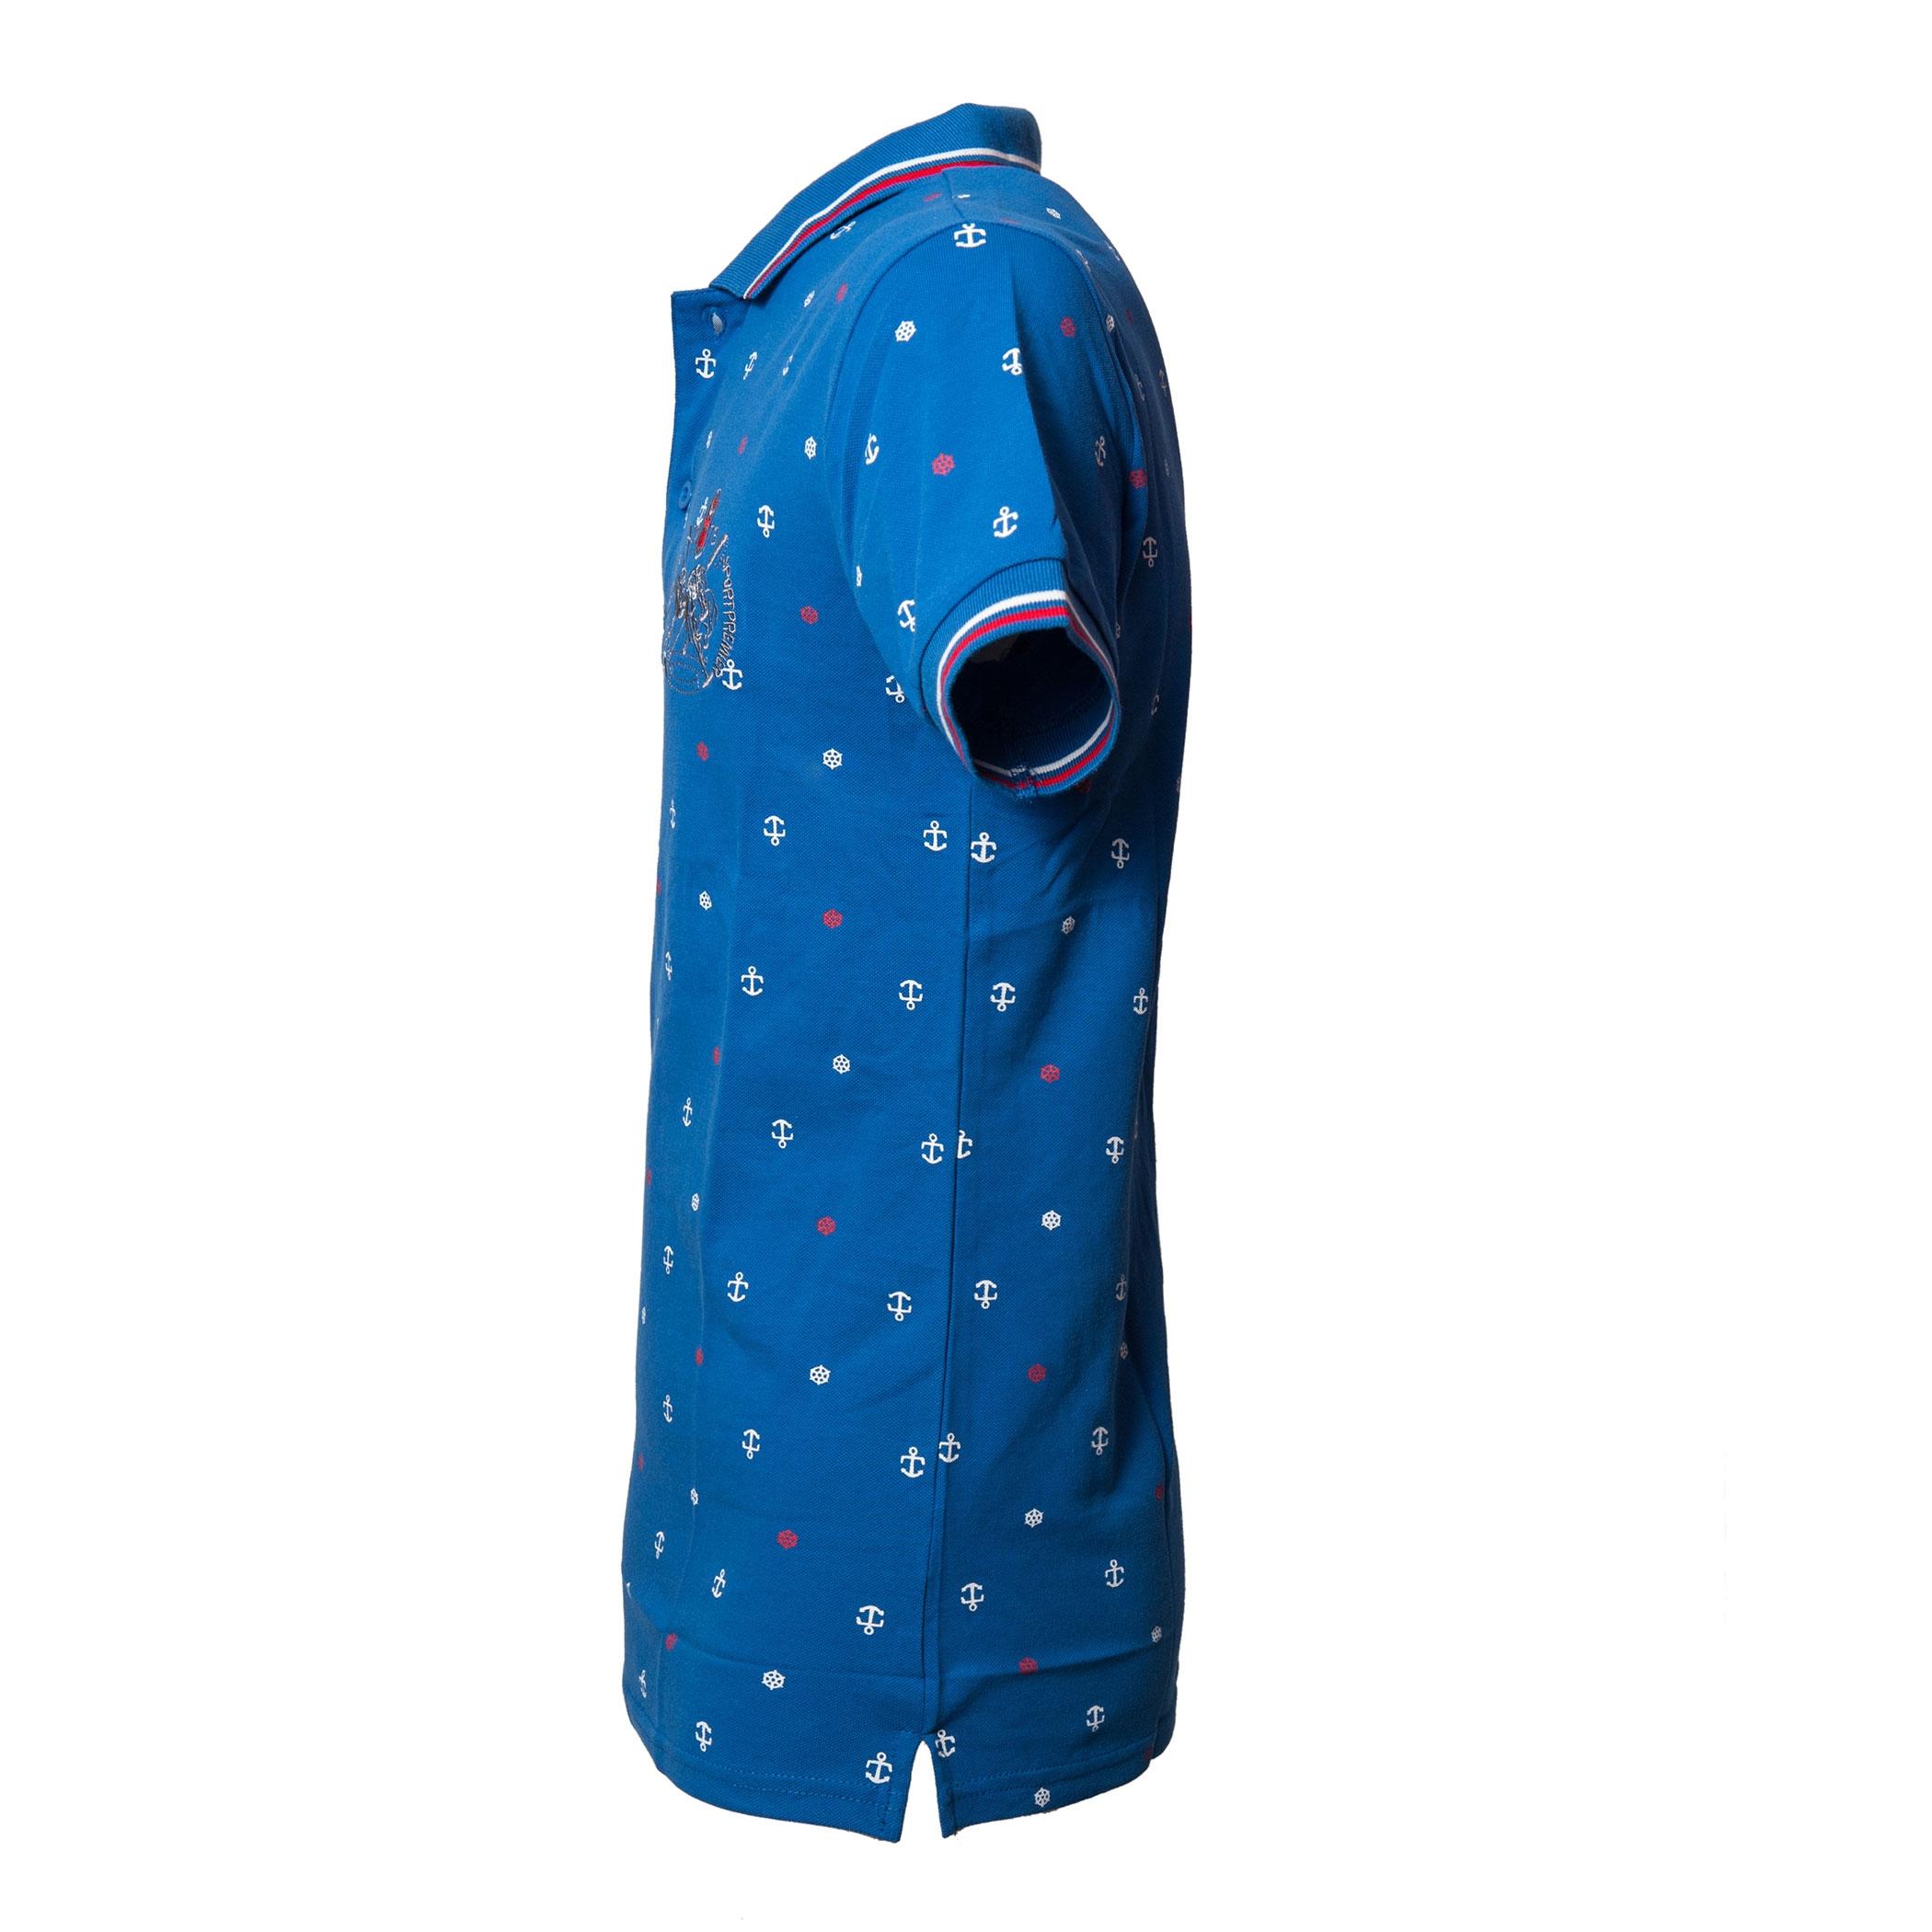 Polo-Uomo-Manica-Corta-Cotone-Casual-Maglietta-Slim-Fit-Maglia-Sportiva-T-shirt miniatura 8